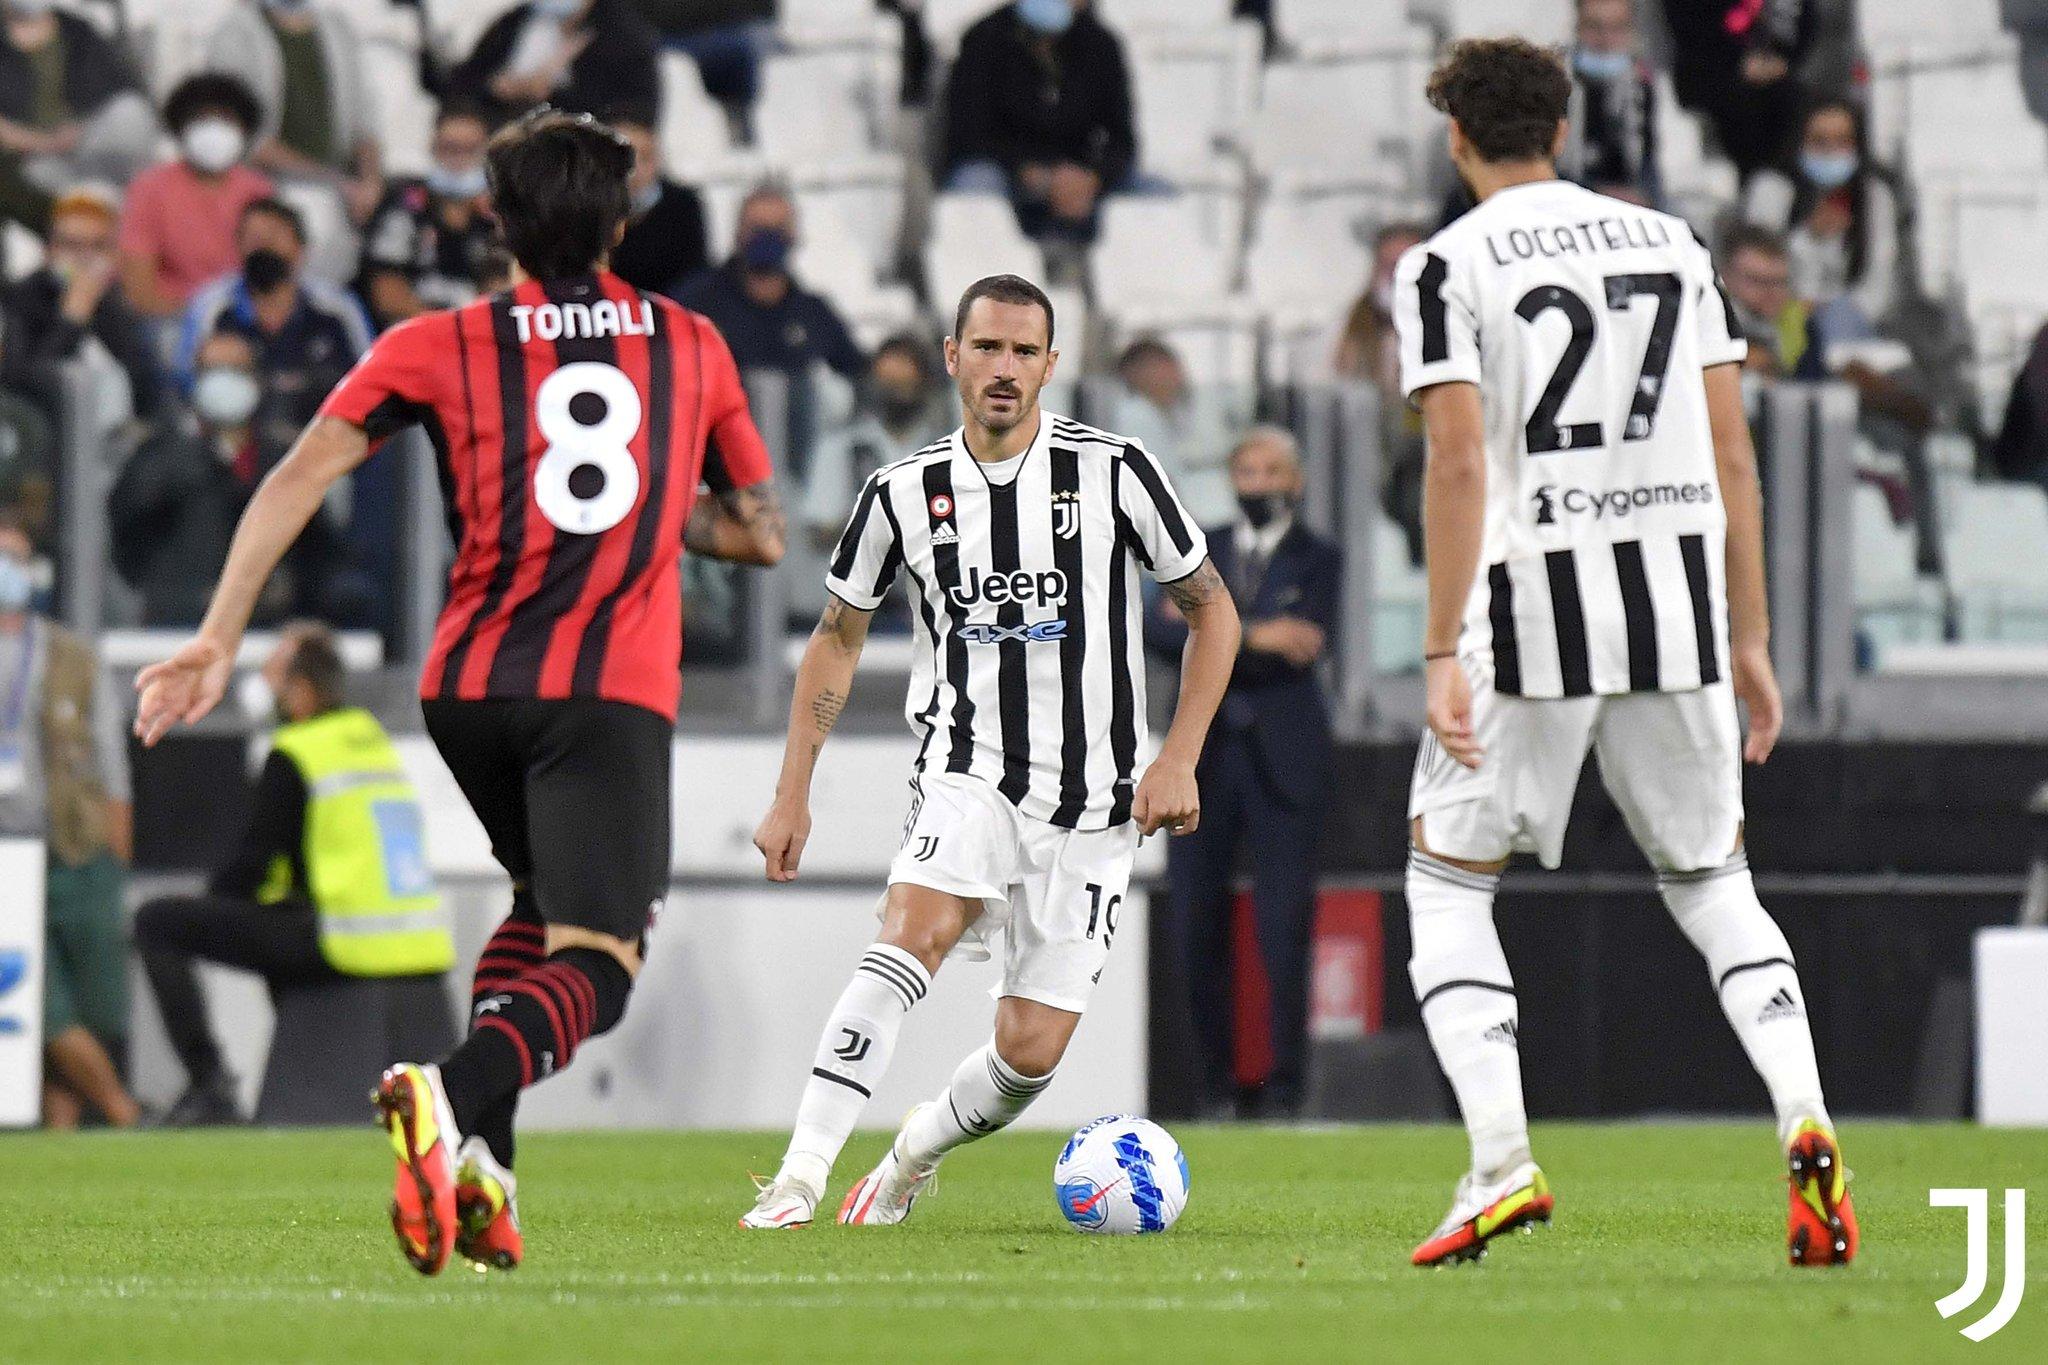 يوفنتوس يتعثر بالتعادل الإيجابي أمام منافسه الميلان في الدوري الإيطالي